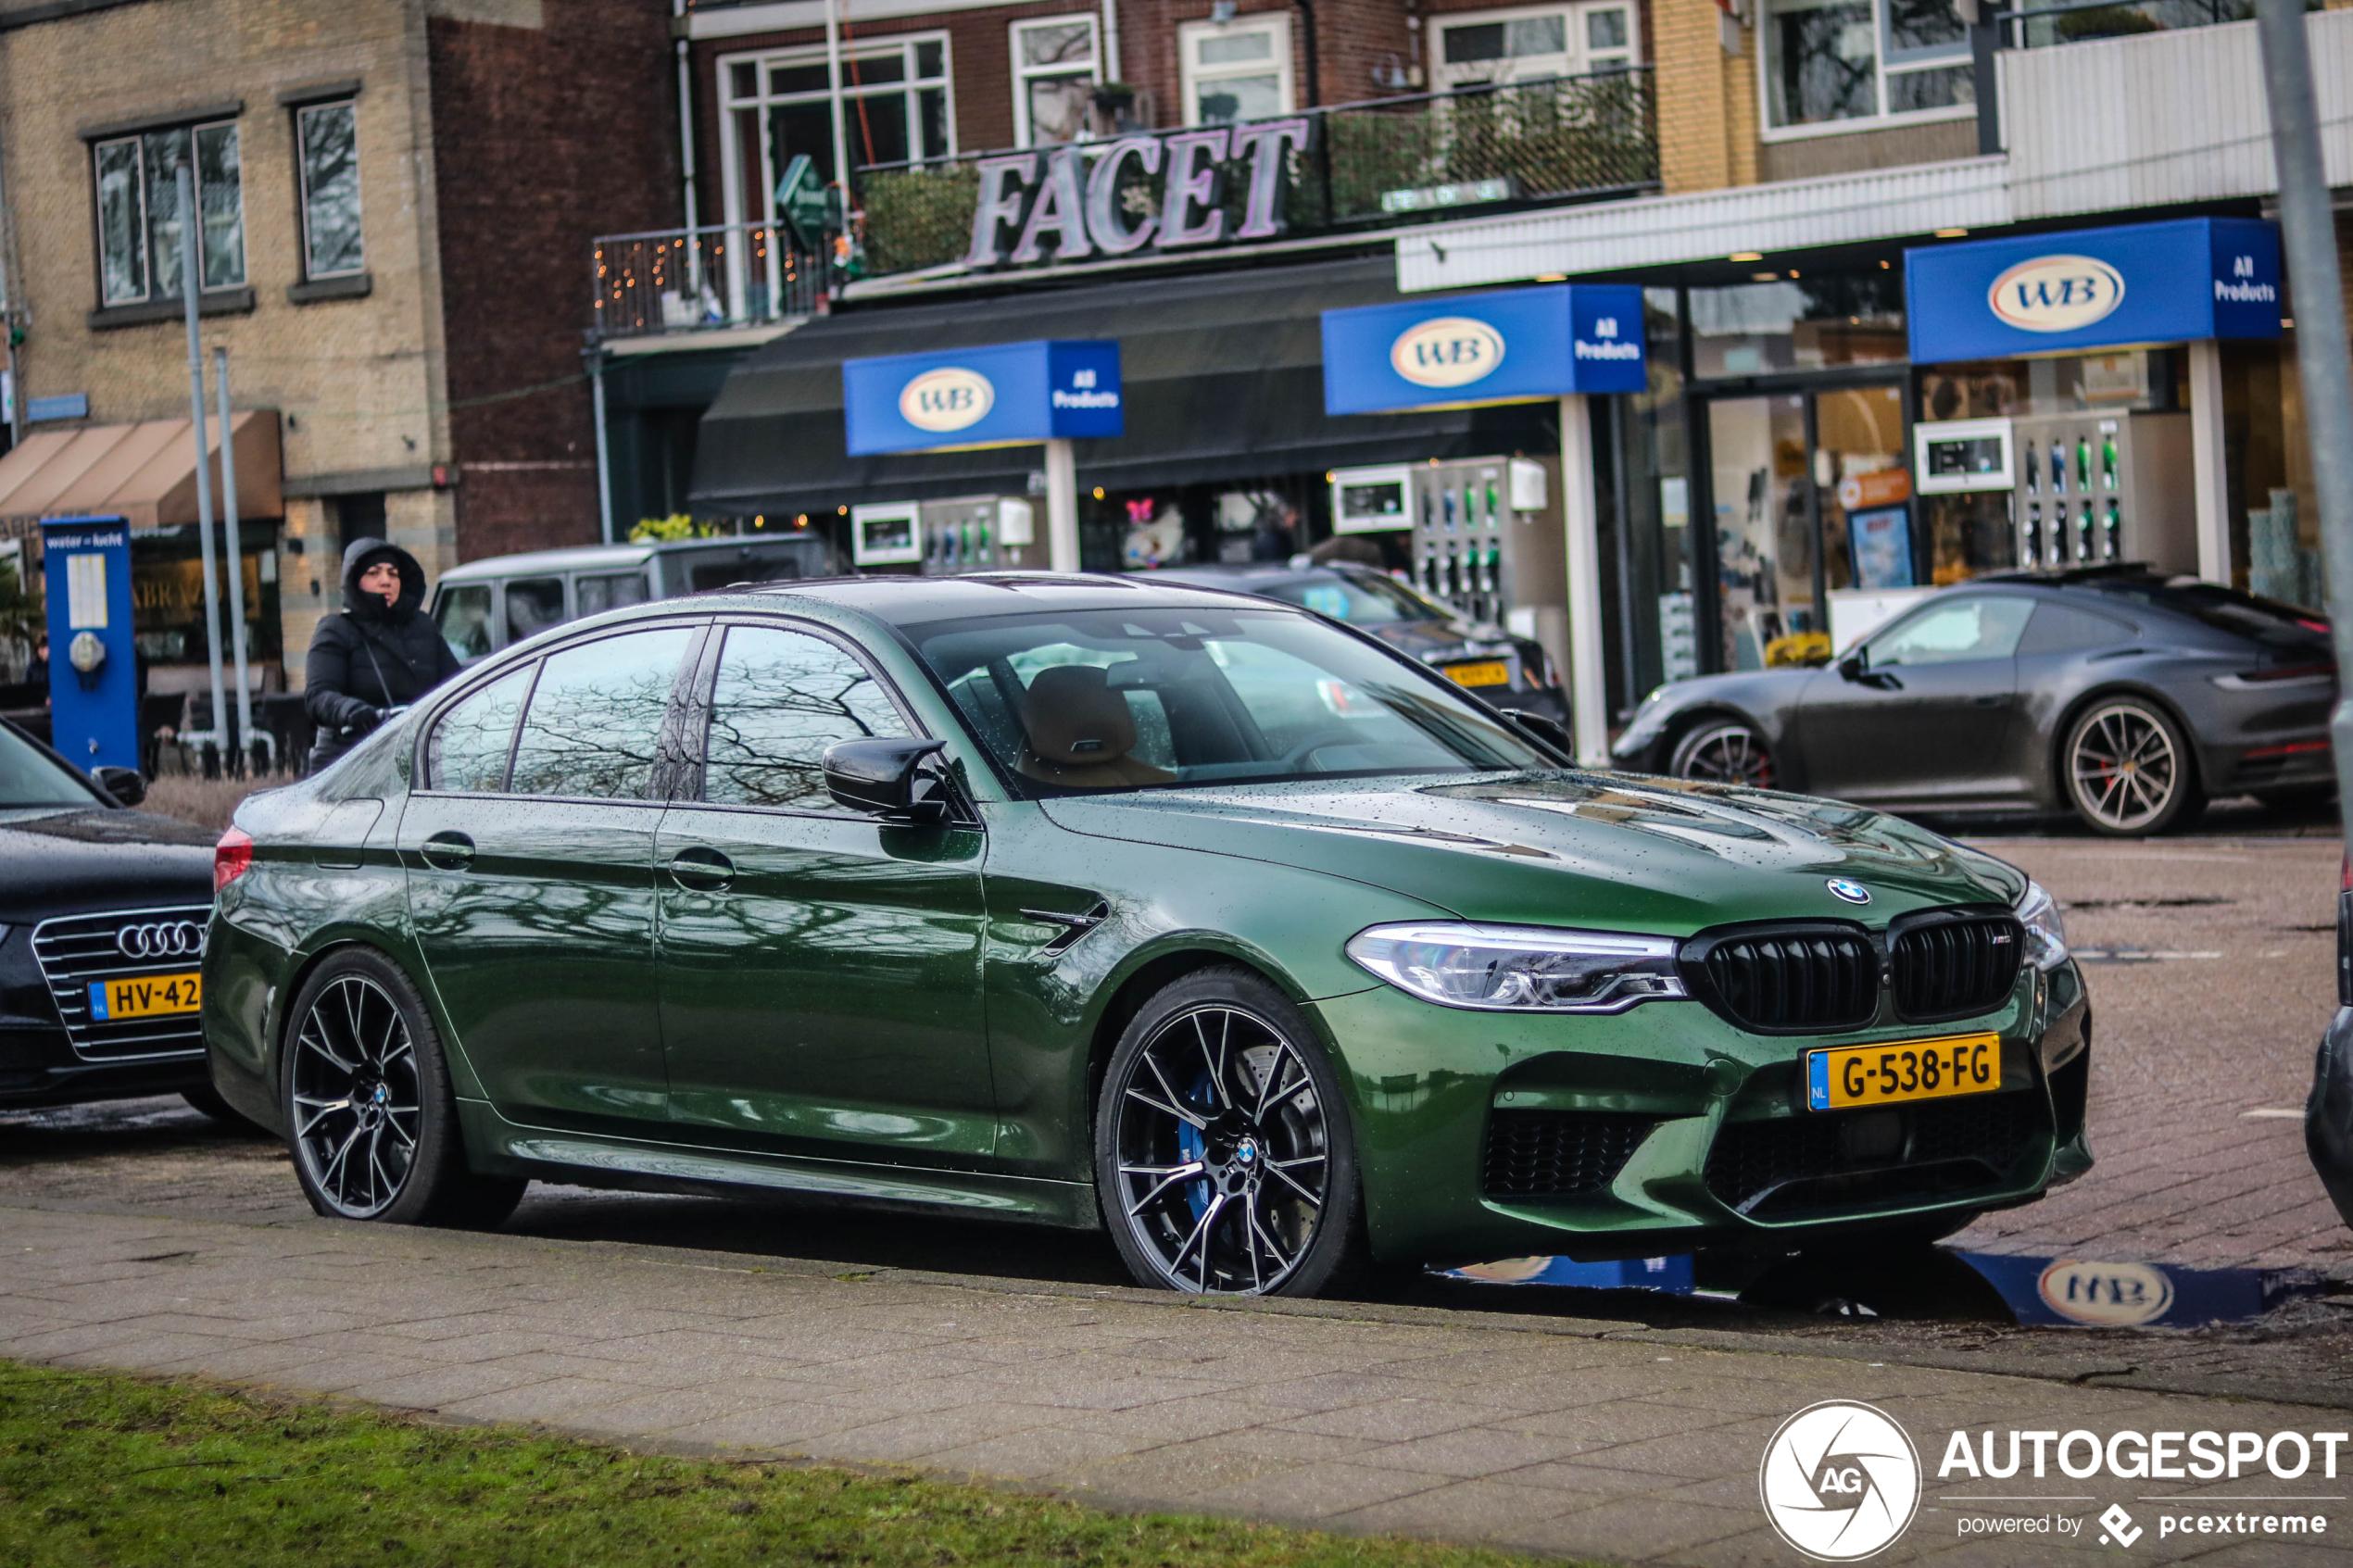 Prachtige BMW M5 Competition pakt Spot van de dag